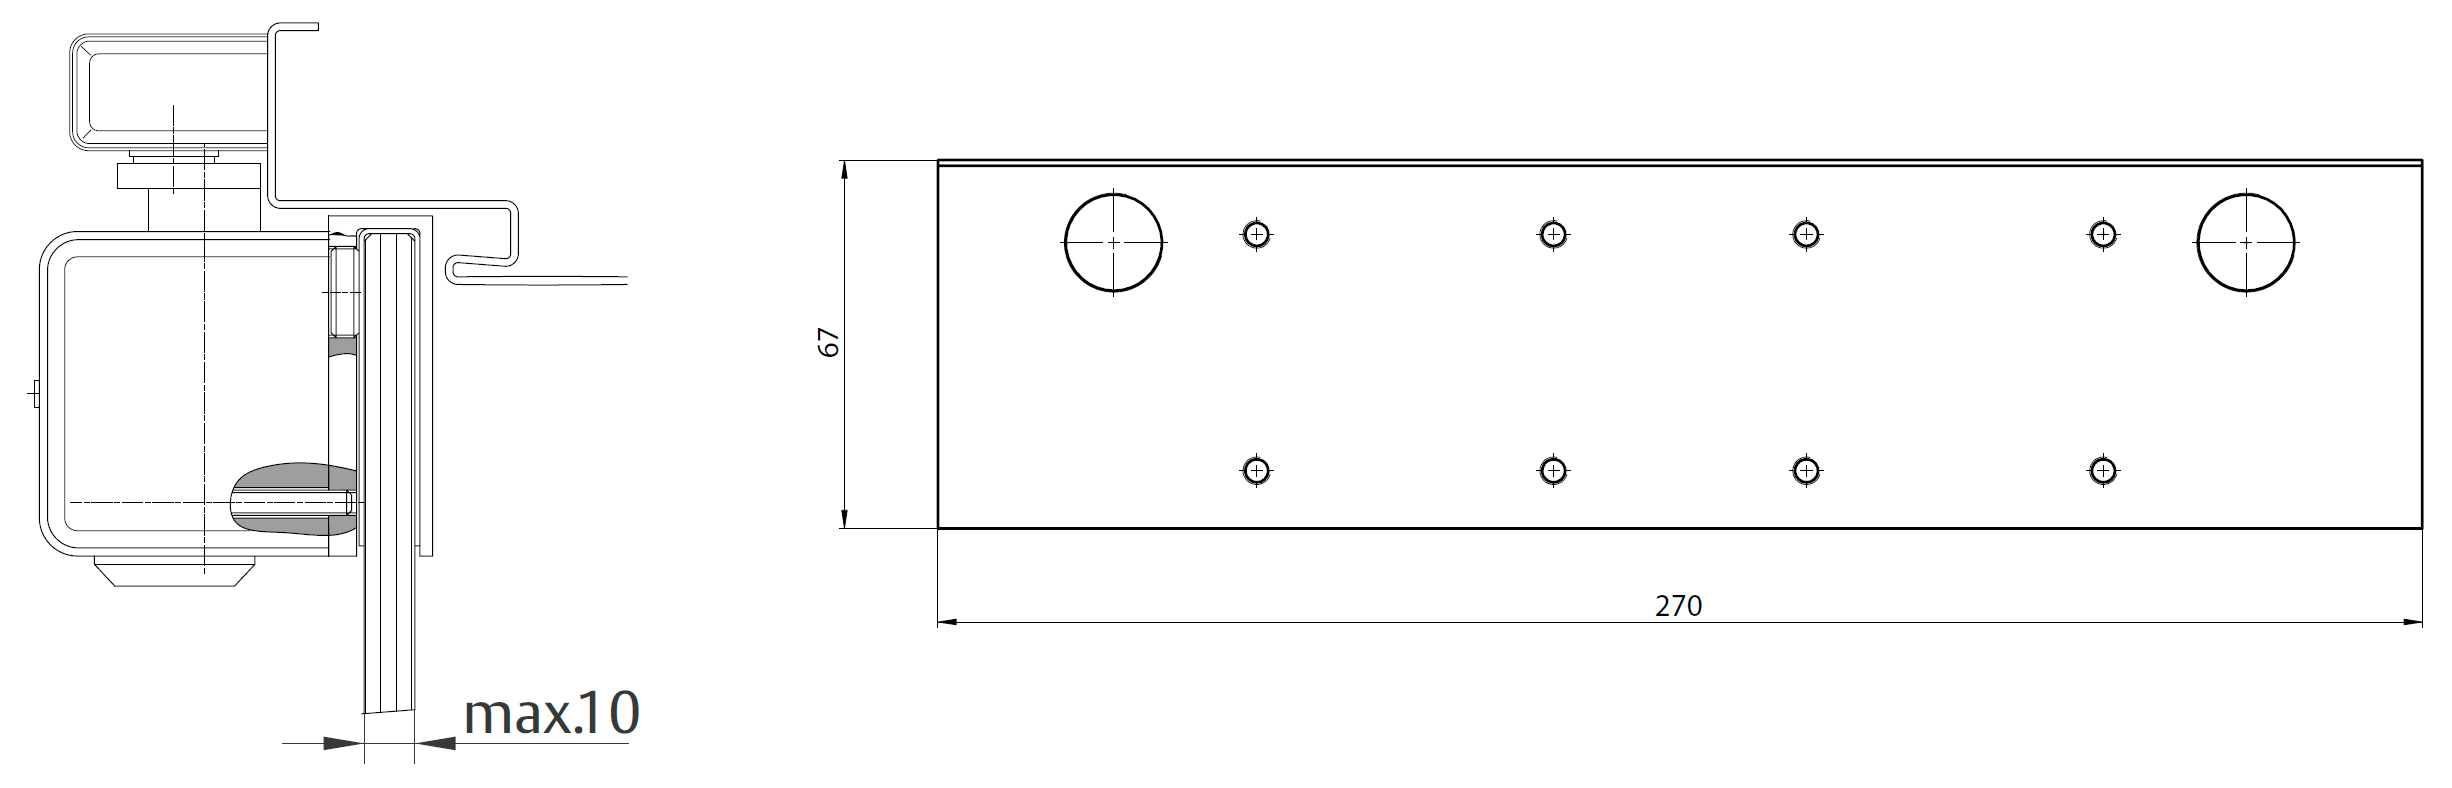 Пластина для цельностеклянных дверей A166 Для монтажа дверного доводчика на цельностеклянную дверную створку